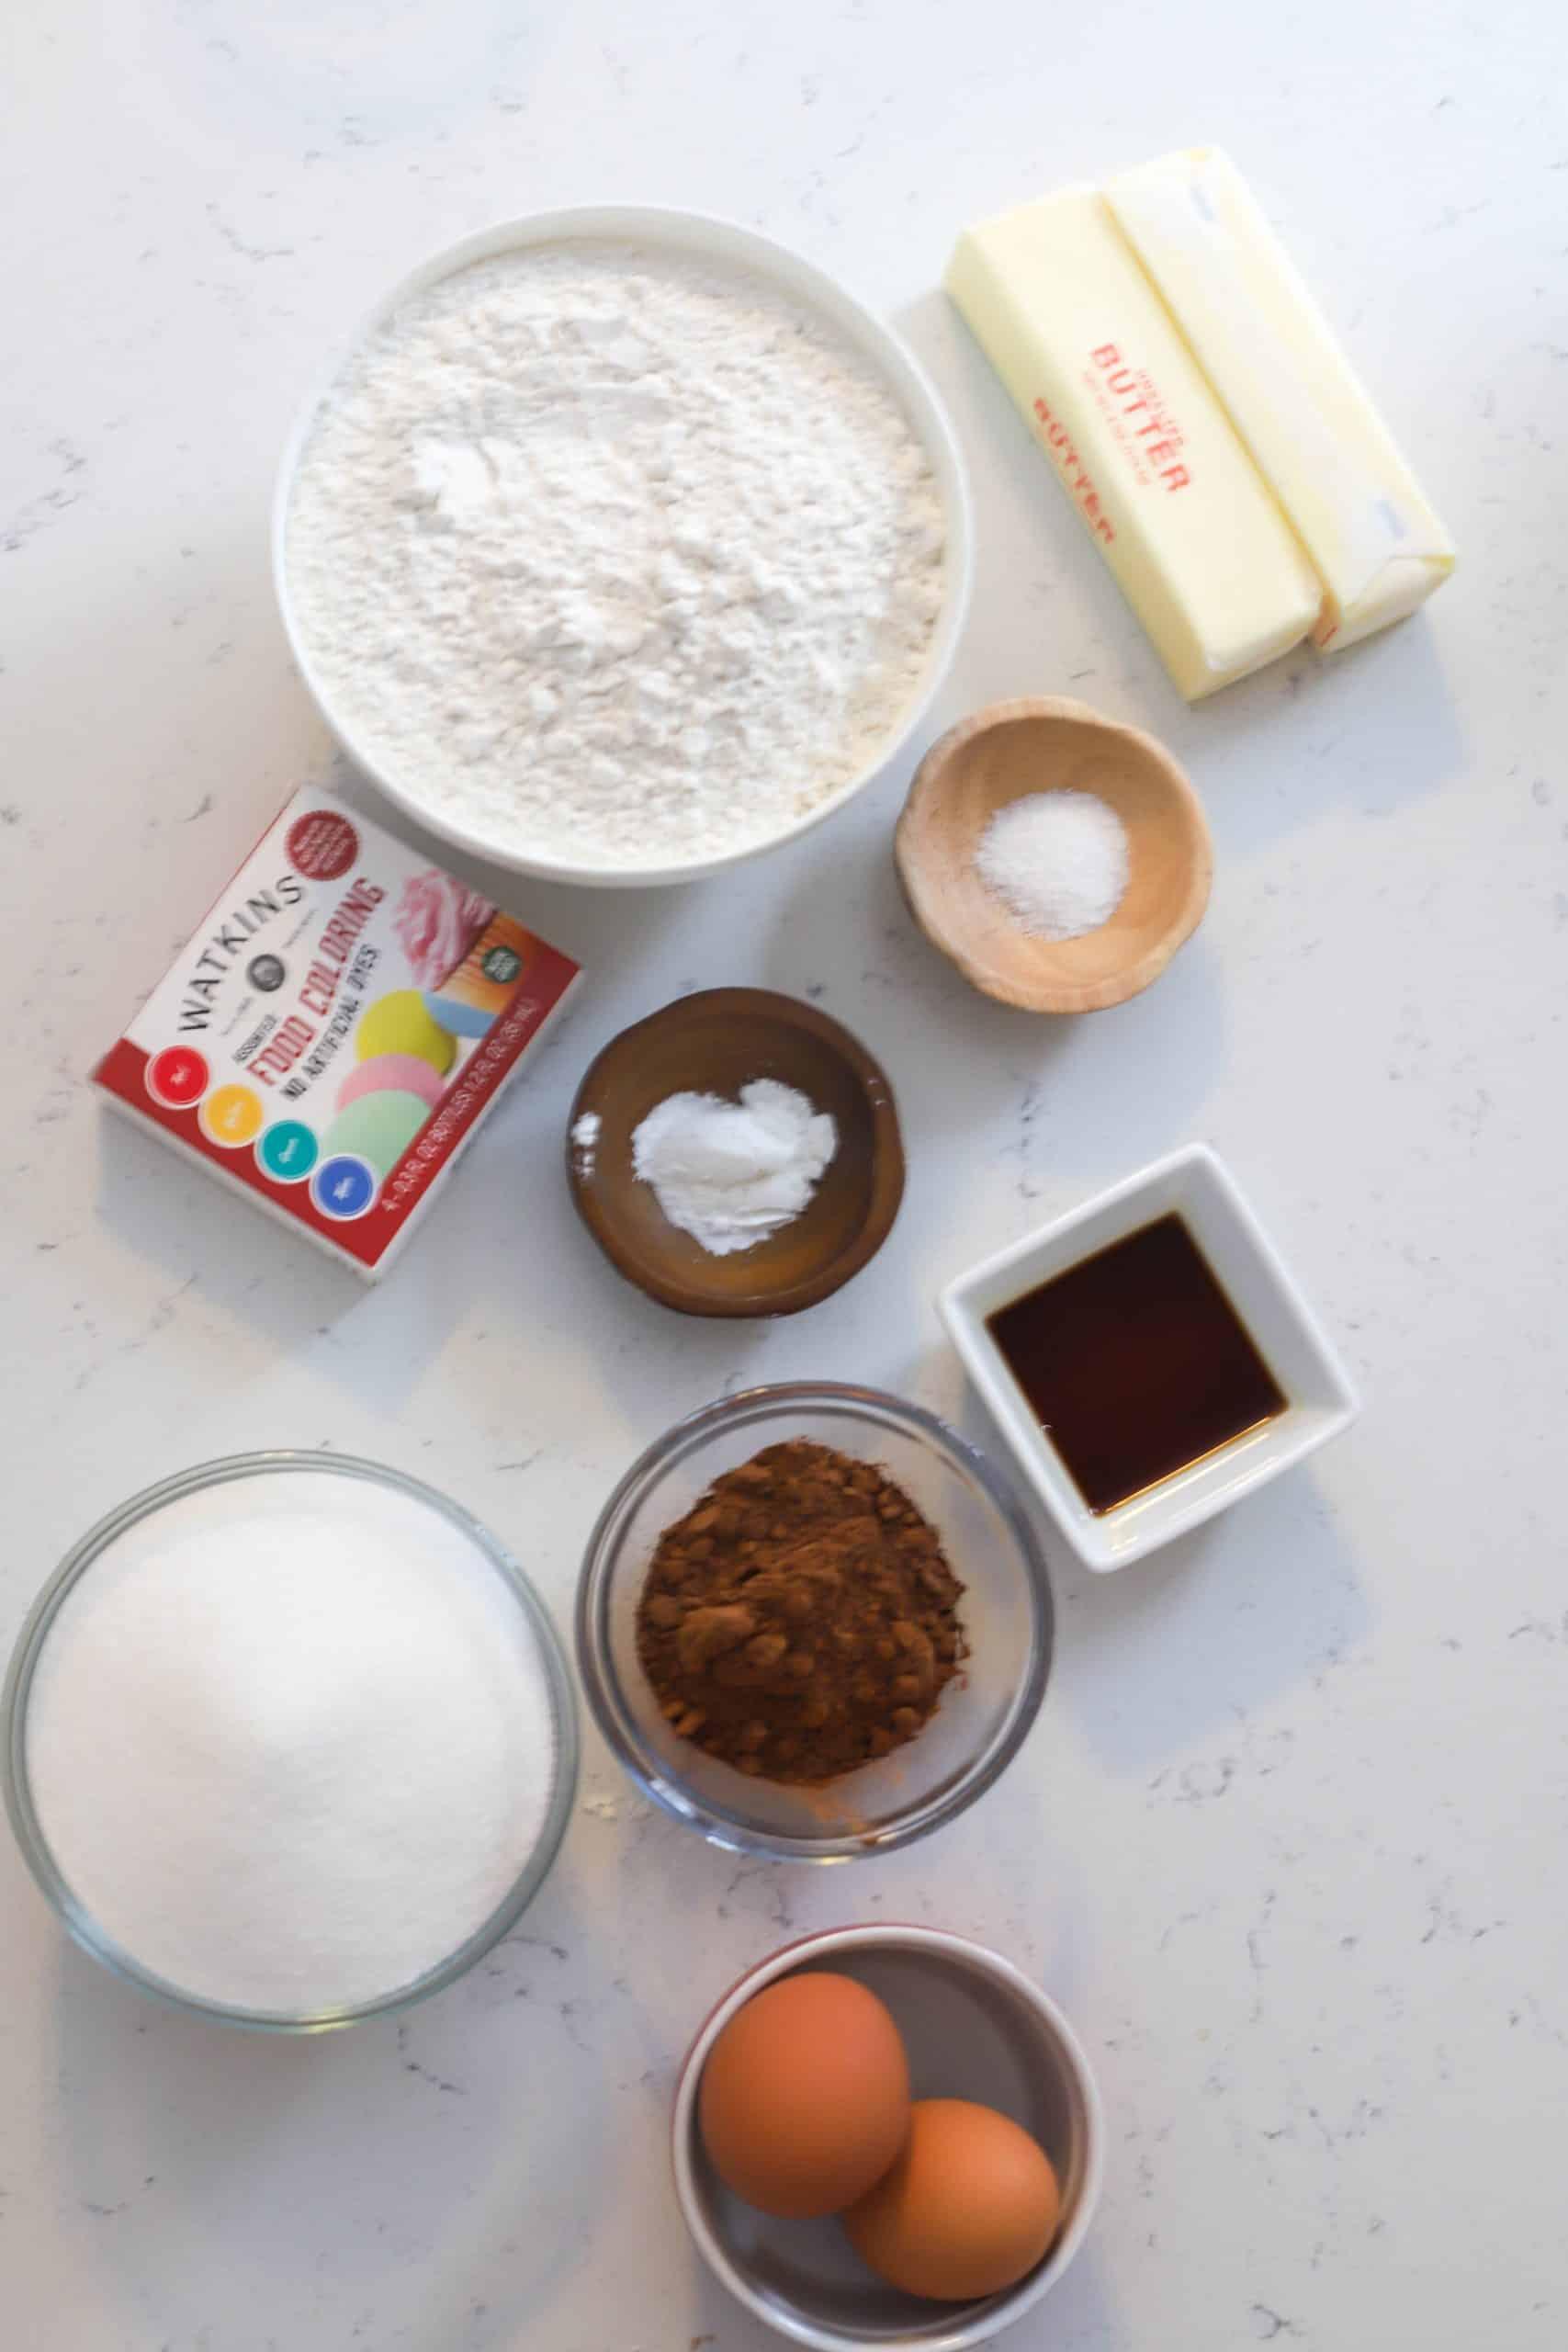 ingredients for the red velvet bars